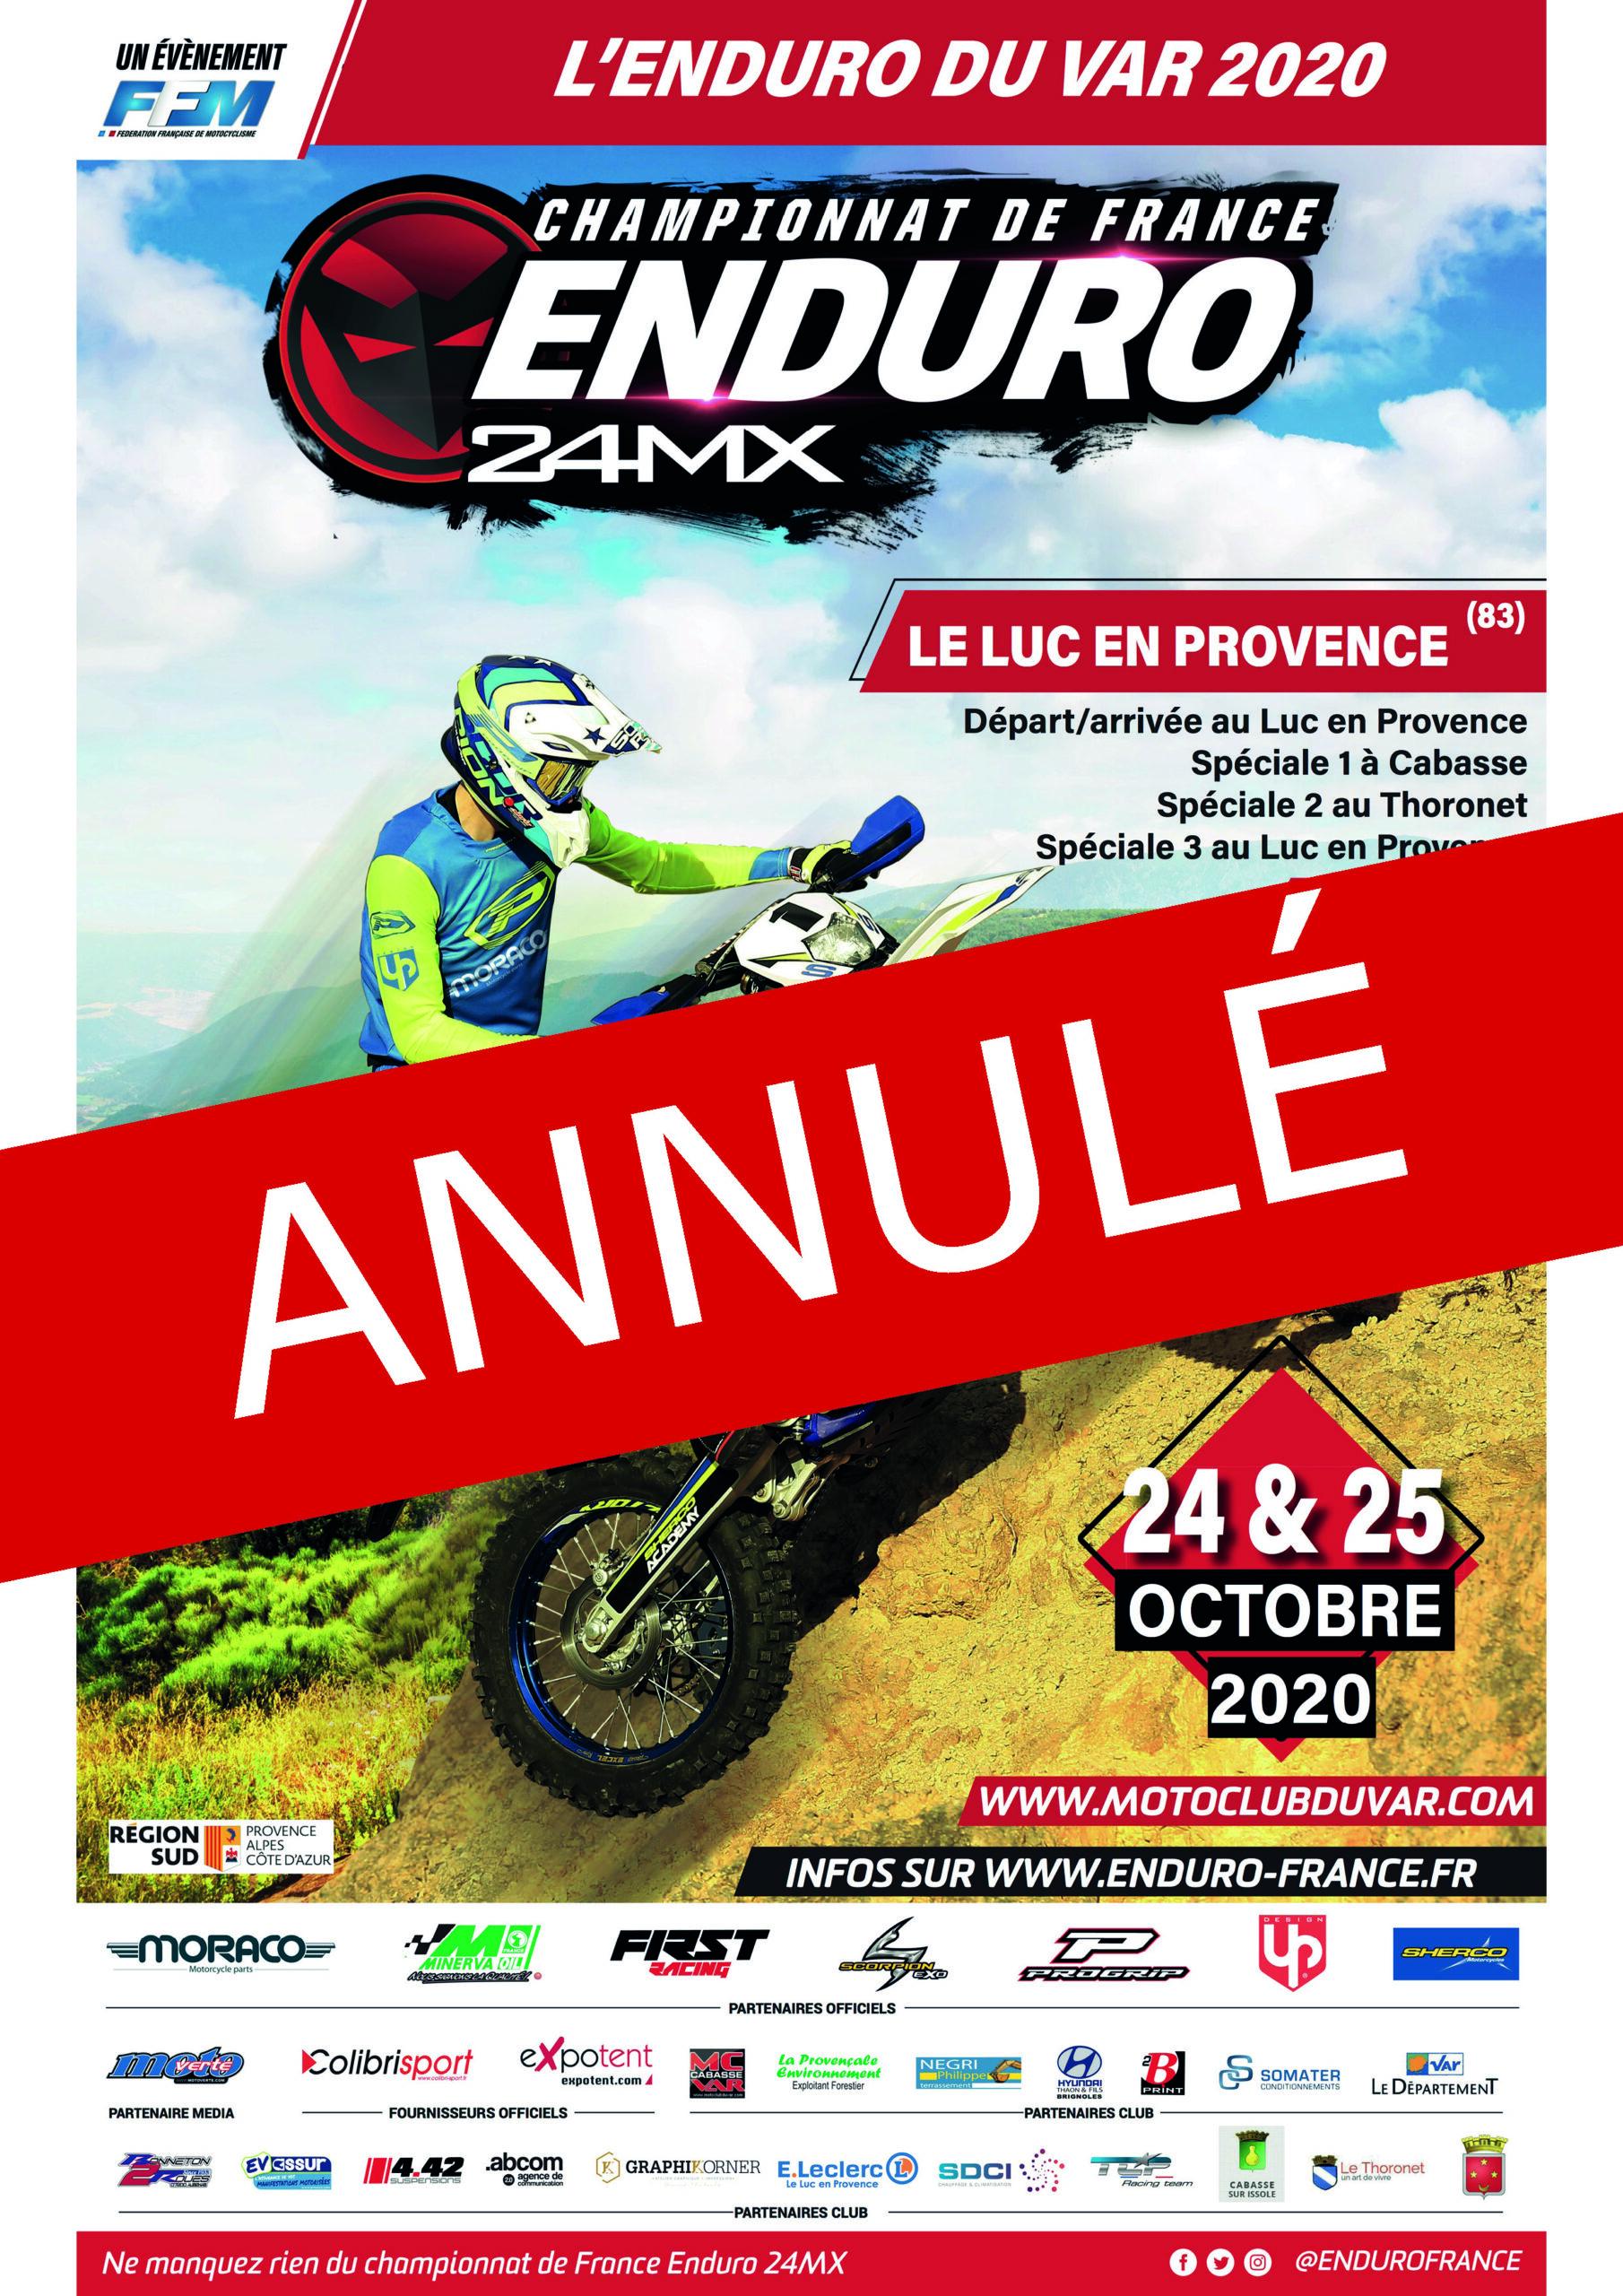 Samedi 24 et dimanche 25 octobre, Championnat de France d'enduro